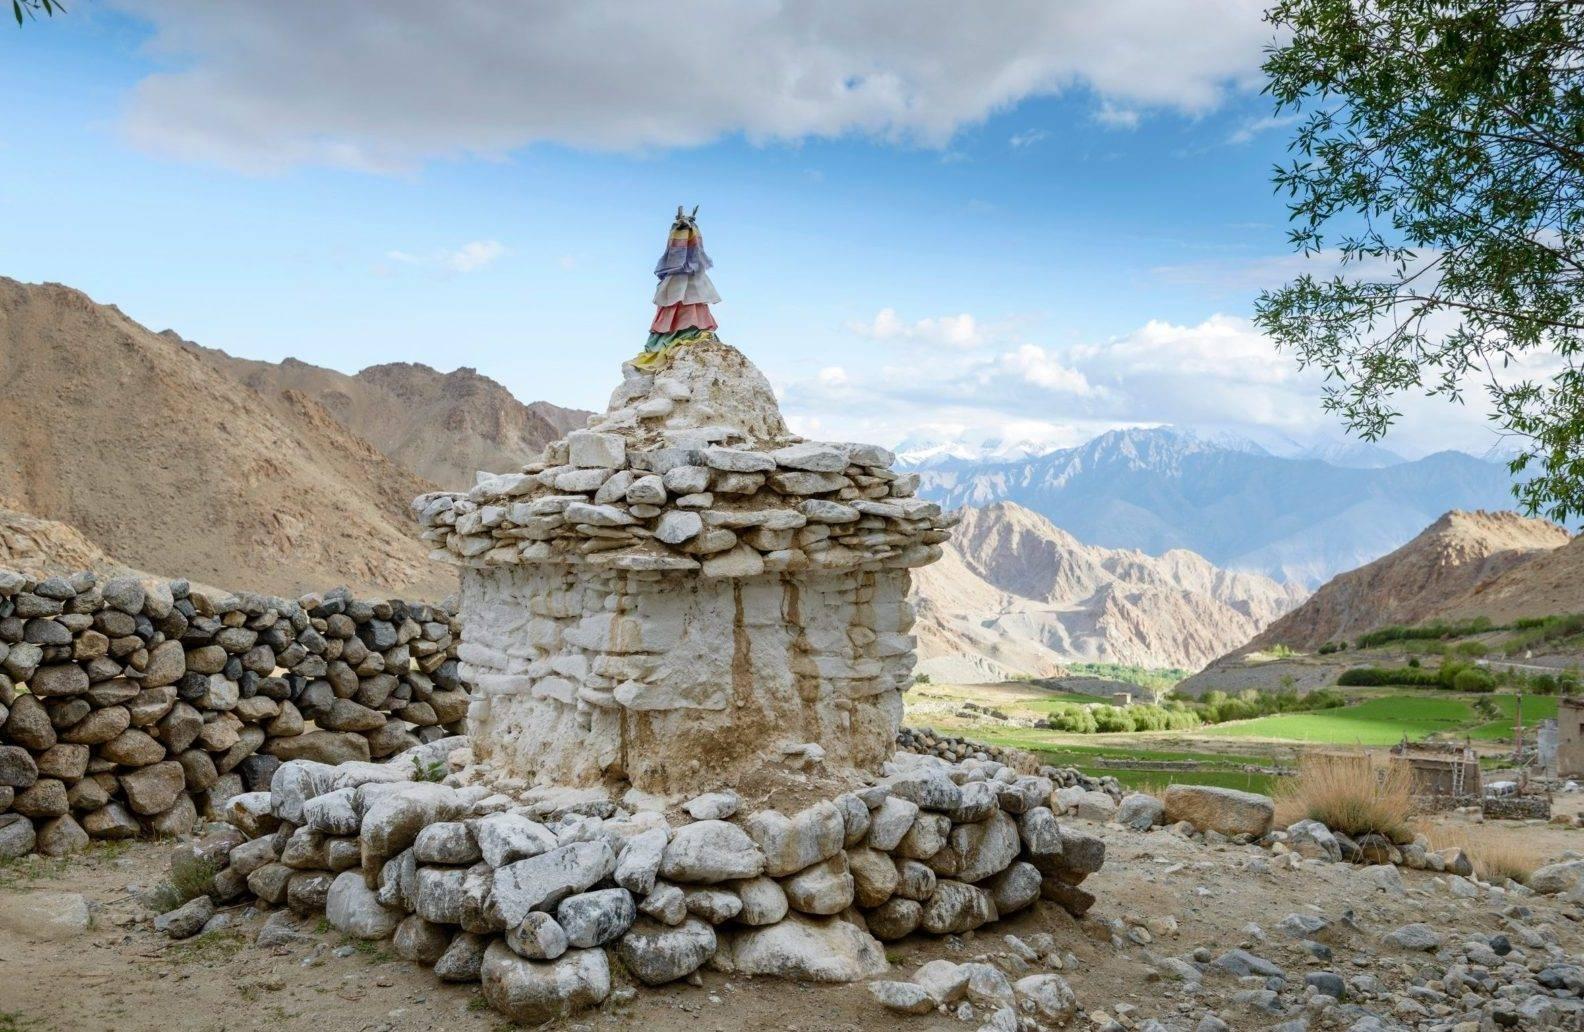 Süleyman Sönmez - Güneşin Tam İçinde buzkulesi11-e1497949595663 Tibet Çölünde Buz Kuleleri | Susuzlukla Mücadele | Ice Stupa Bilim ve Teknoloji Günlük Yaşam Maker / Mucit  Tibet susuzluk Su Elde Etmek Stupa Sonam Wangchuk Rolex Awards kuraklık küresel ısınma Buz Kuleleri Baraj Çöl 3 idiots